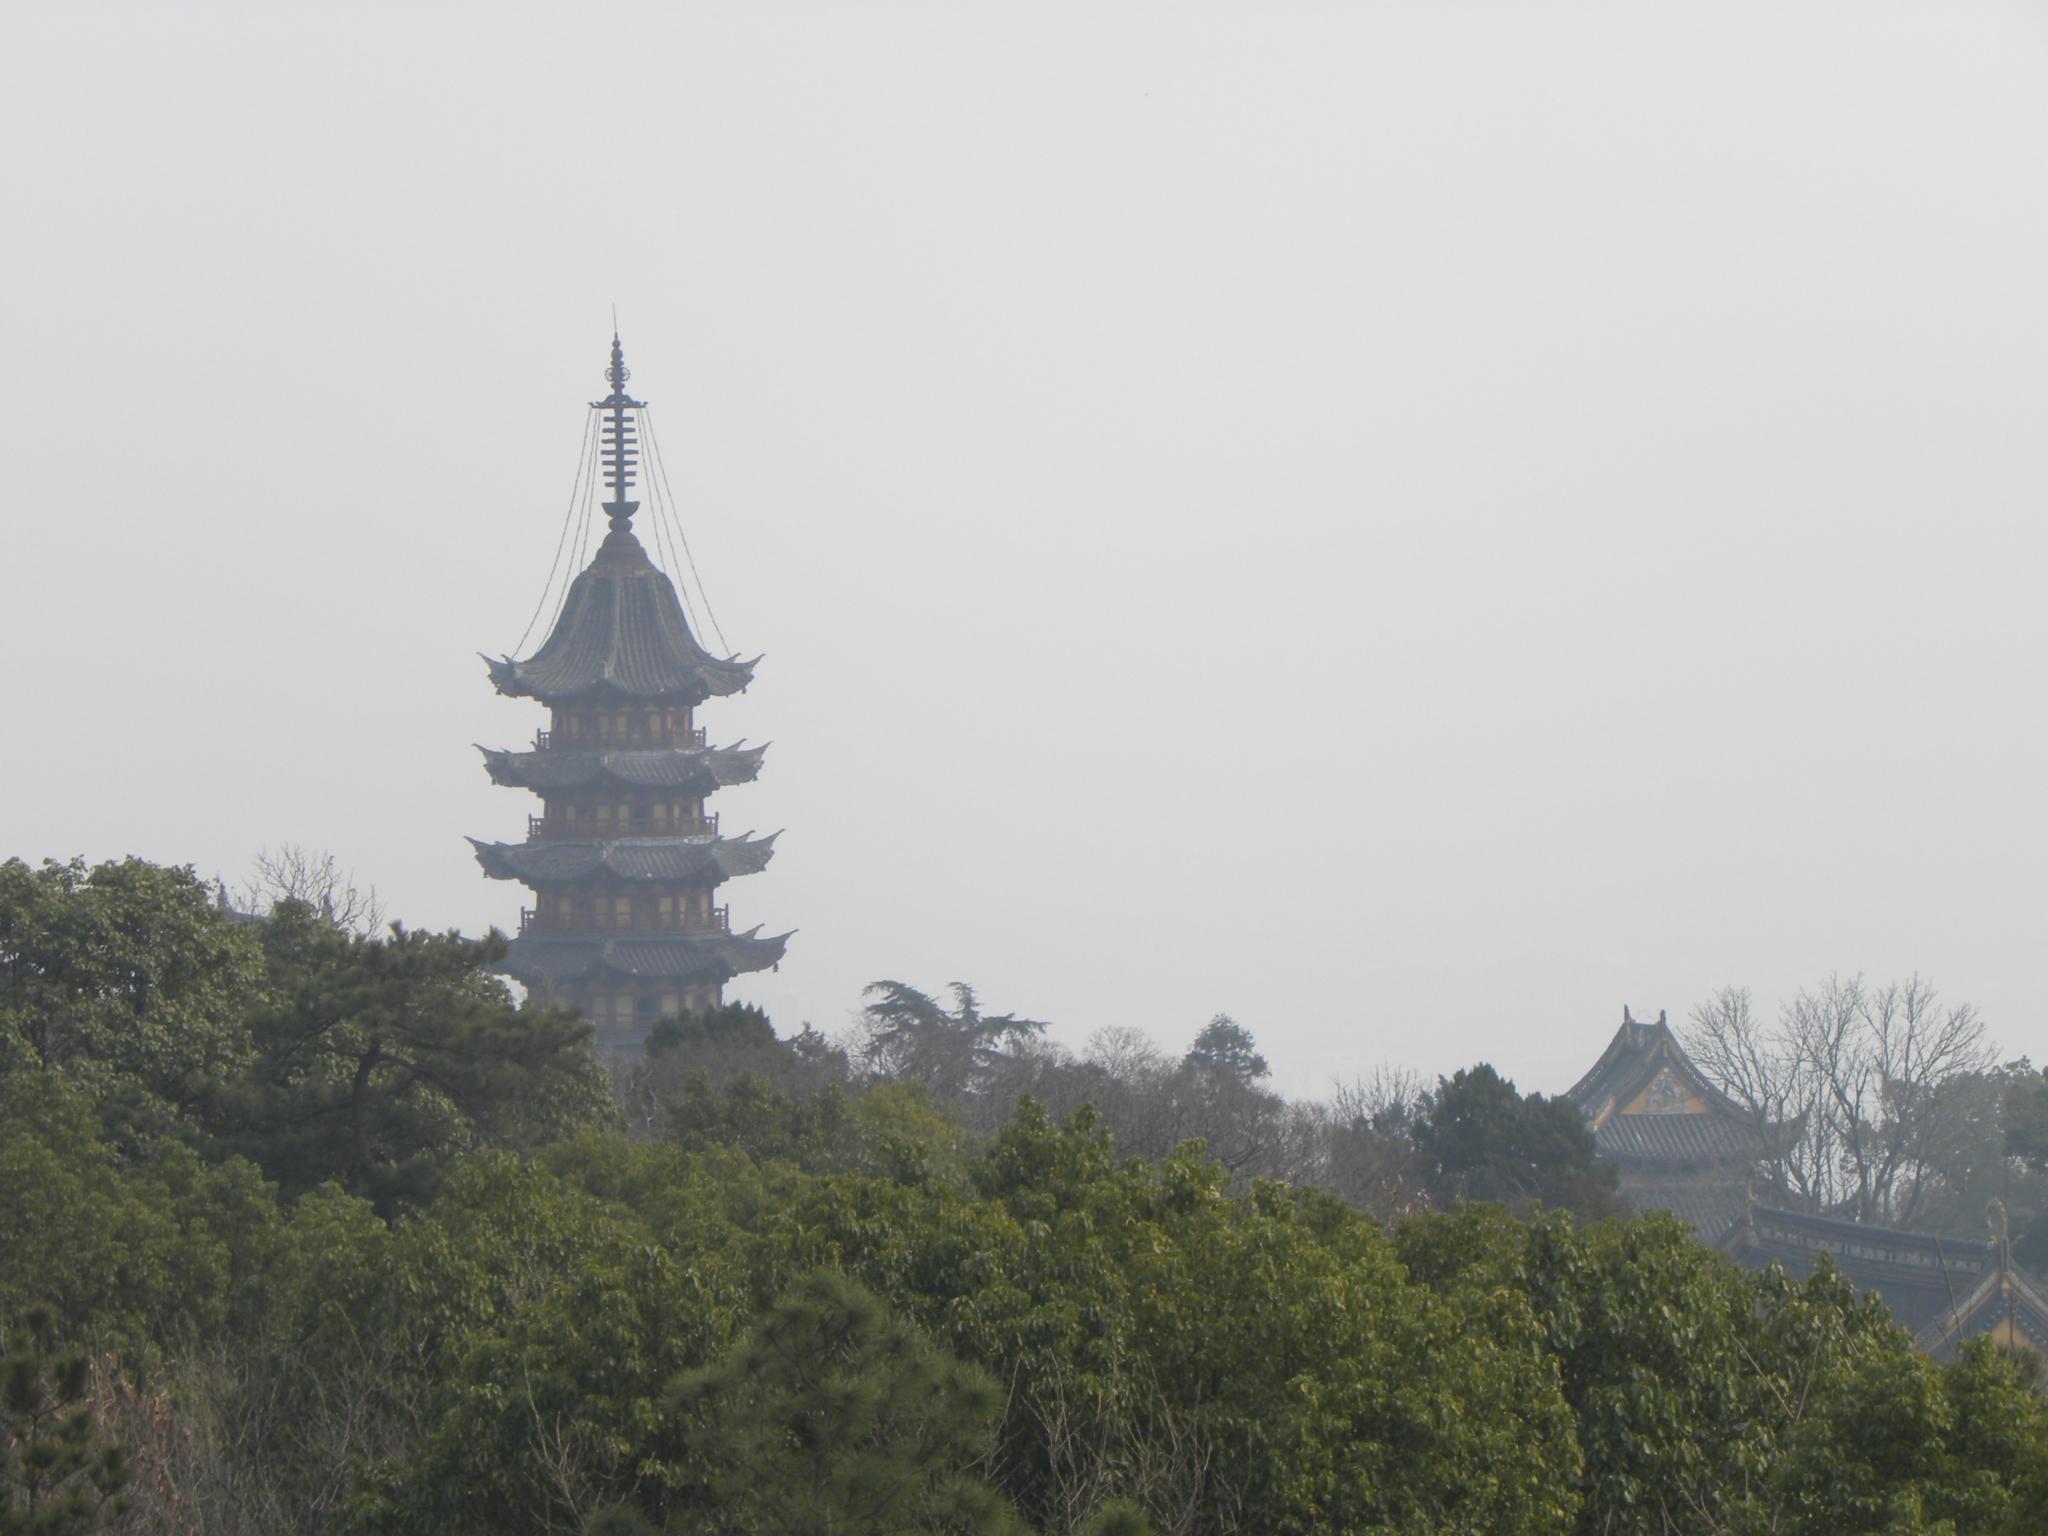 多宝佛塔是木构砖塔,是七级八面的楼阁式宝塔,塔高34米.